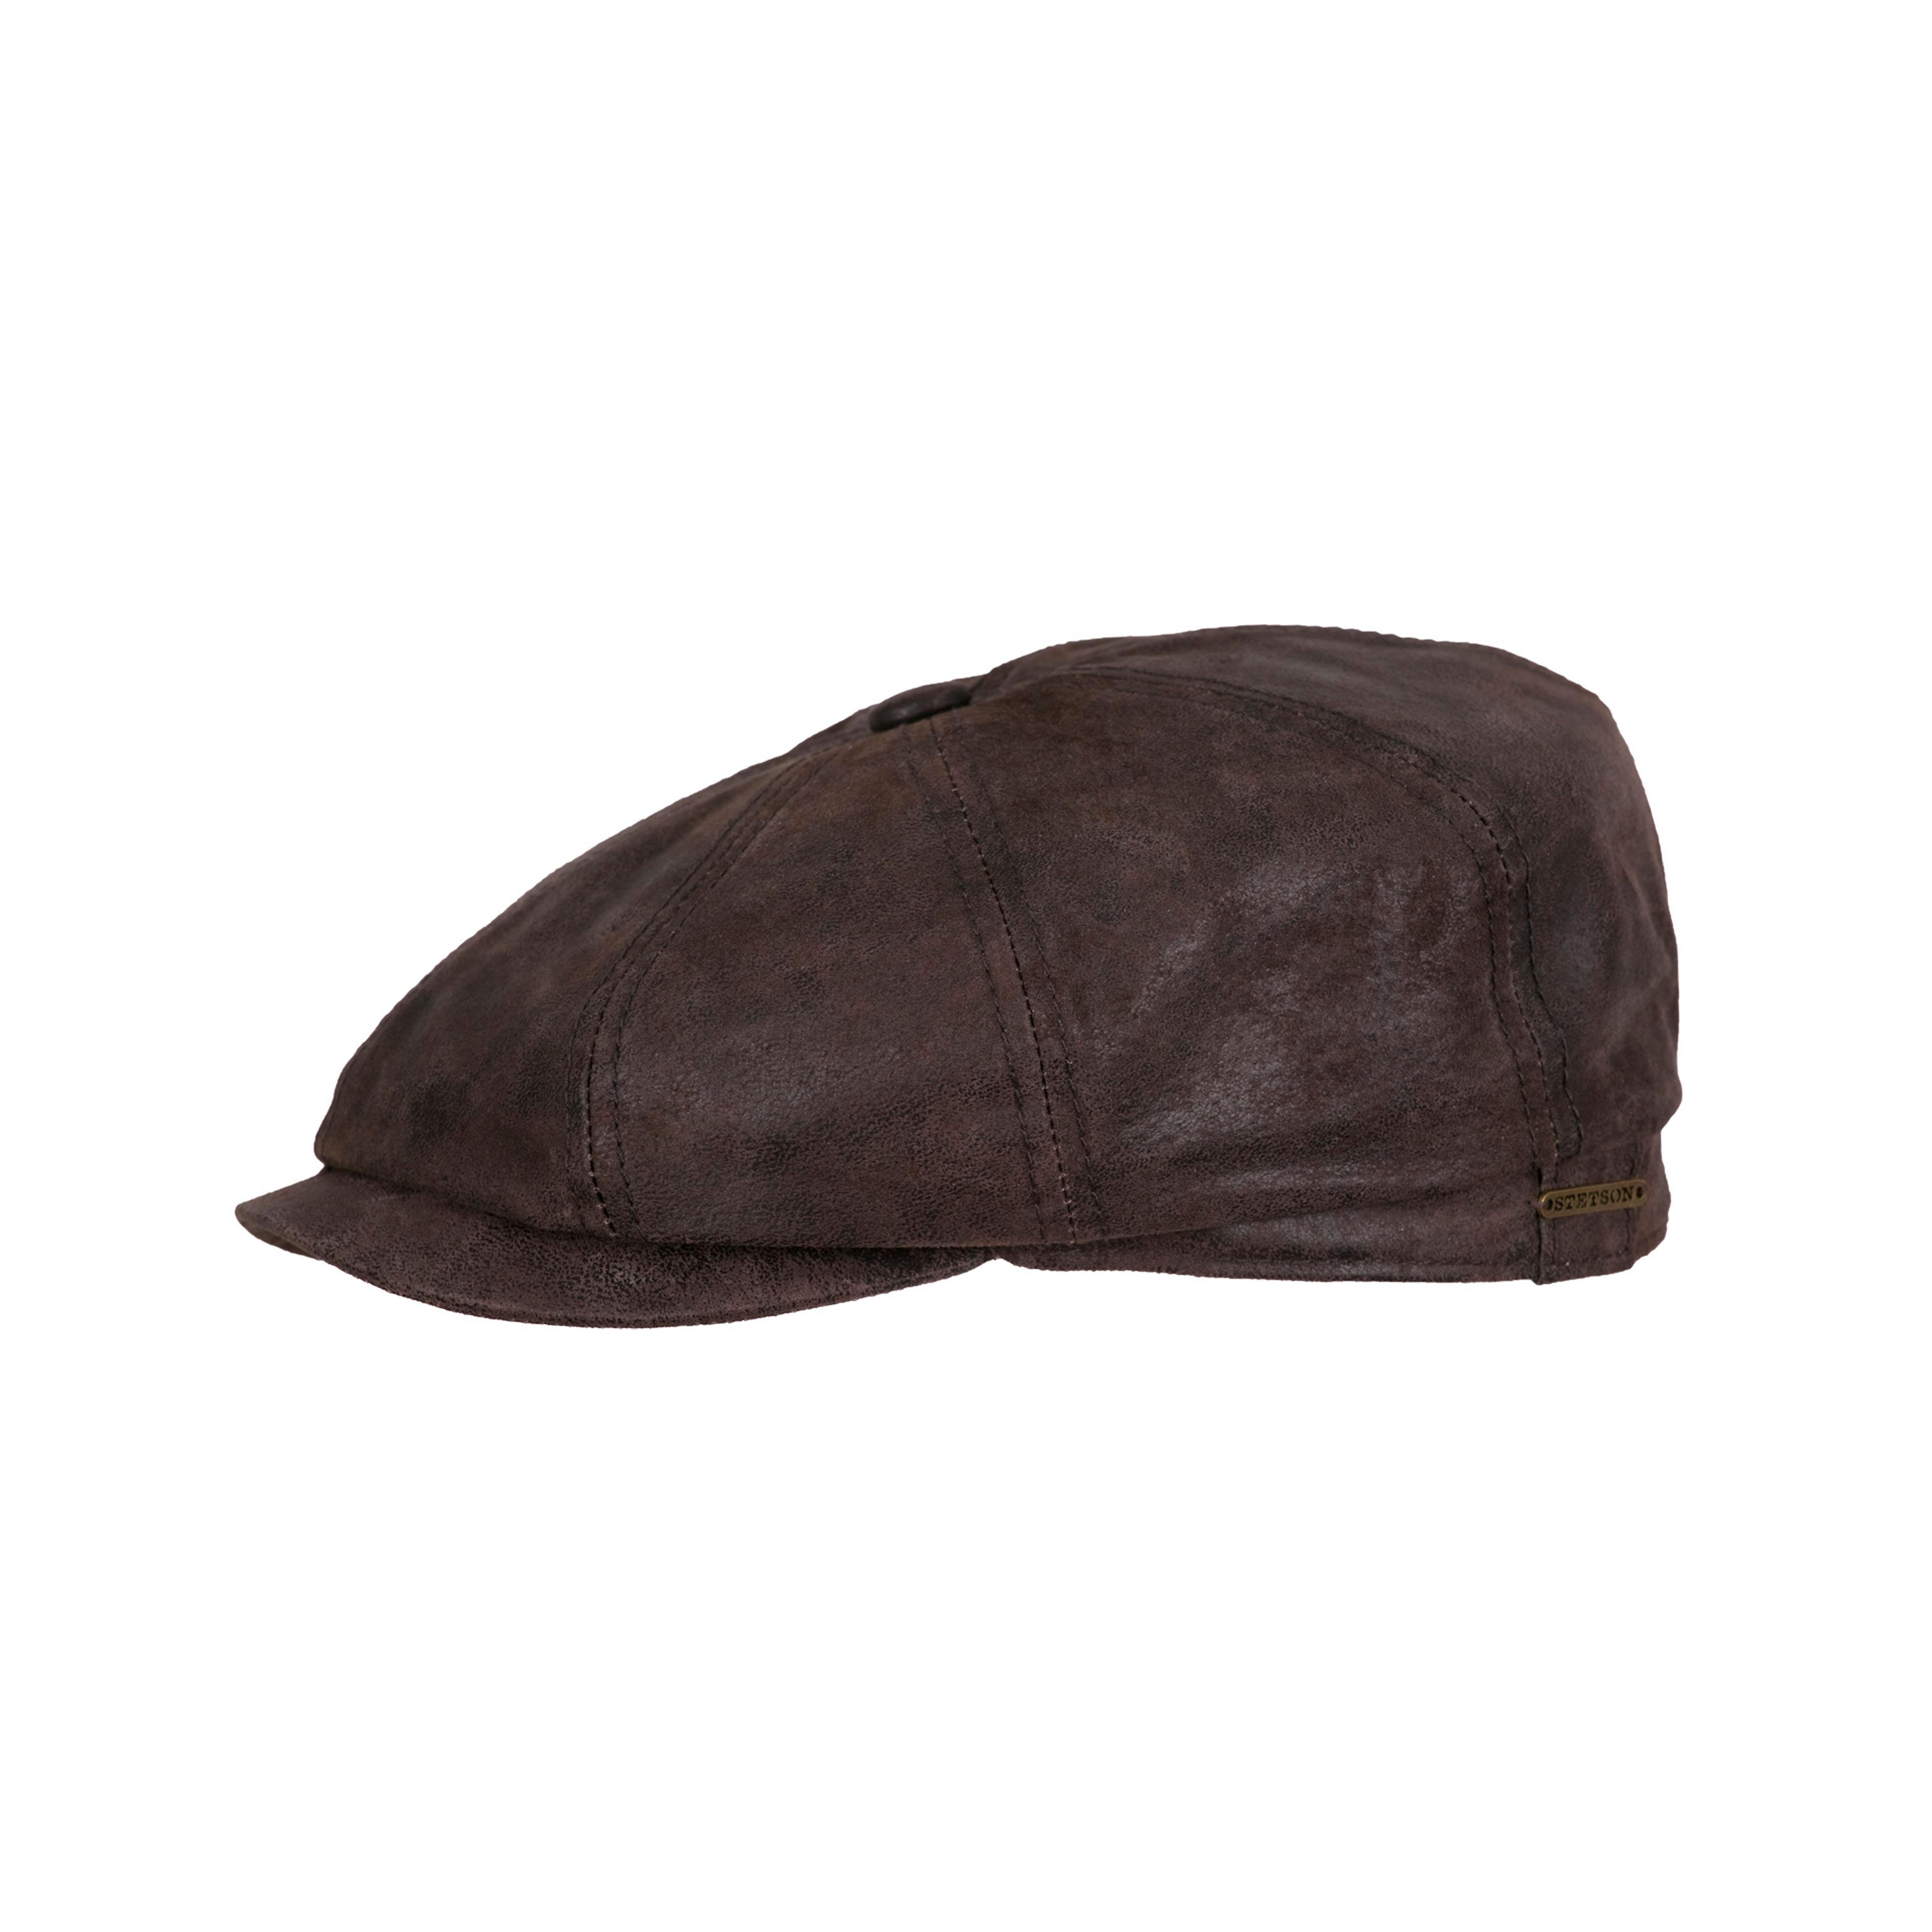 Stetson. Hatteras Pigskin Cap Dark Brown d4b35efcd99